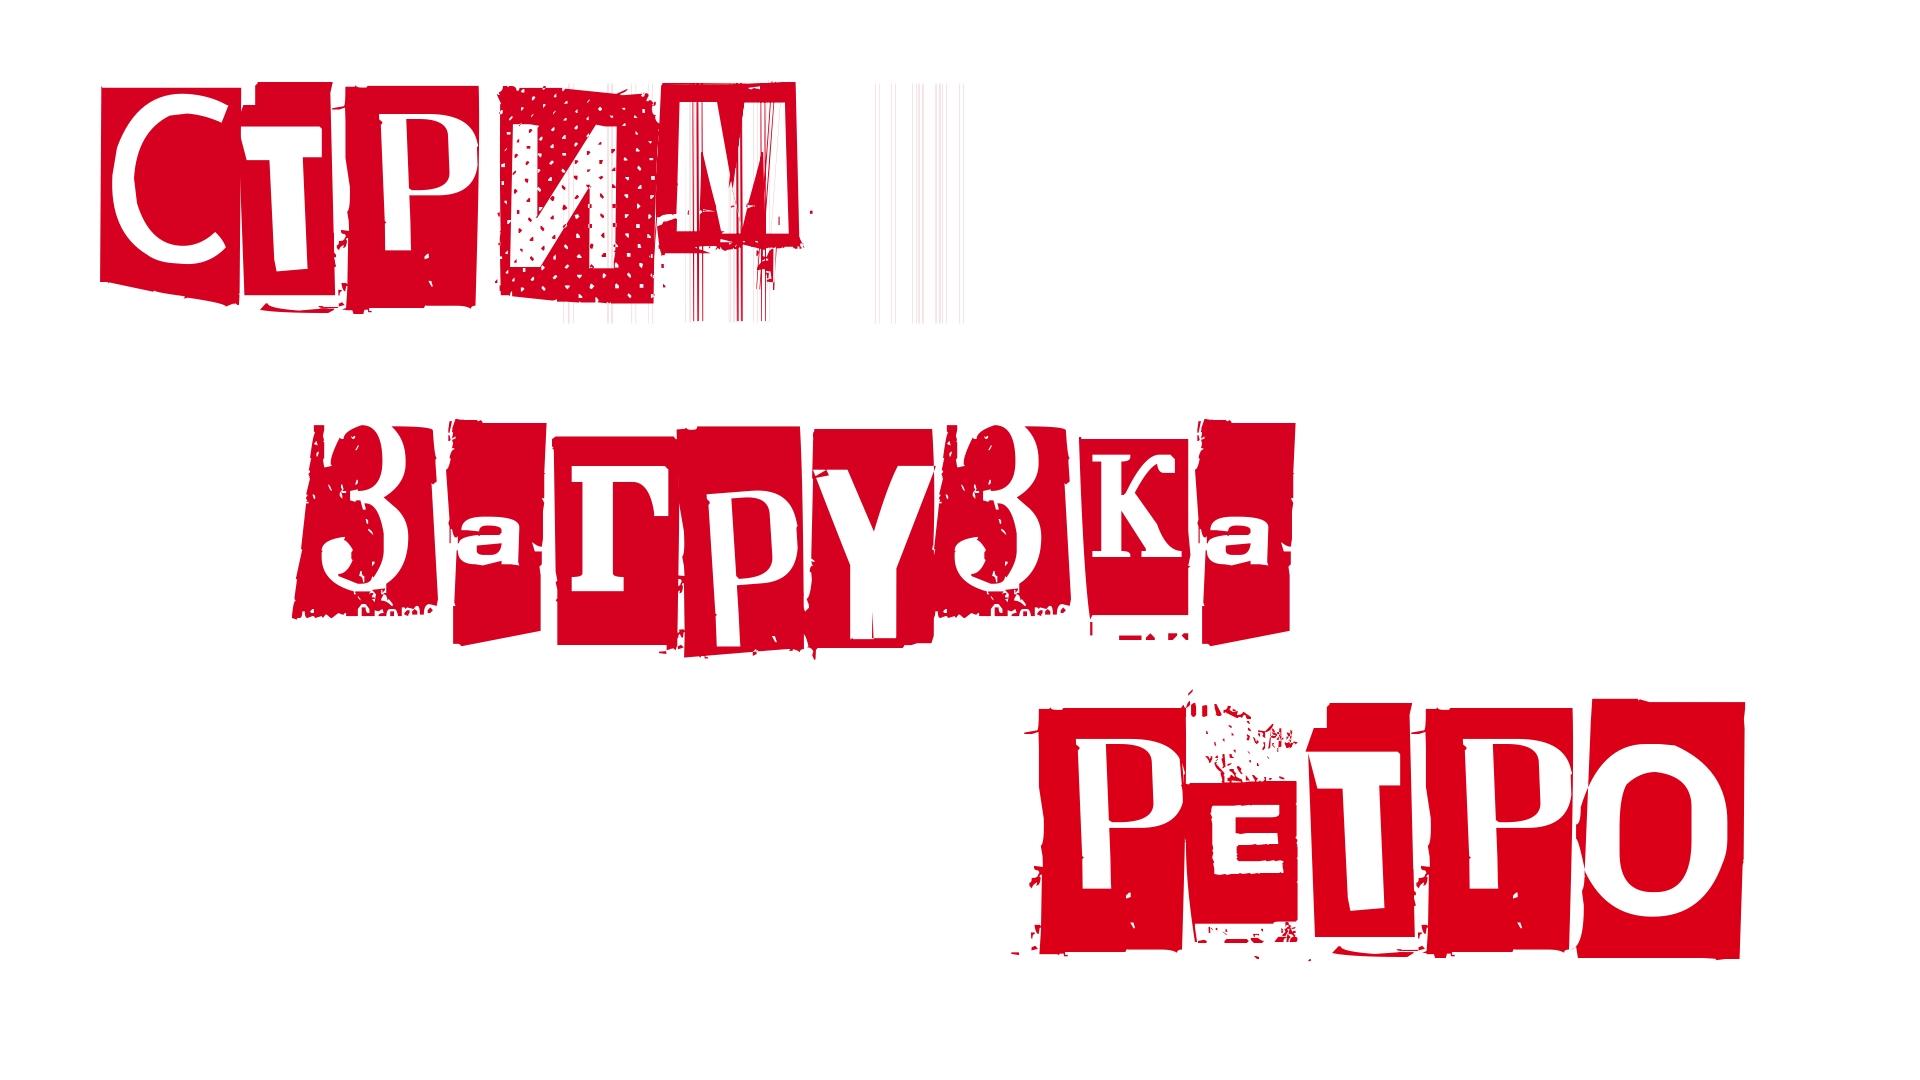 Создание концепции заставки и логотипа (телеканал) фото f_841566f2031988bc.jpg